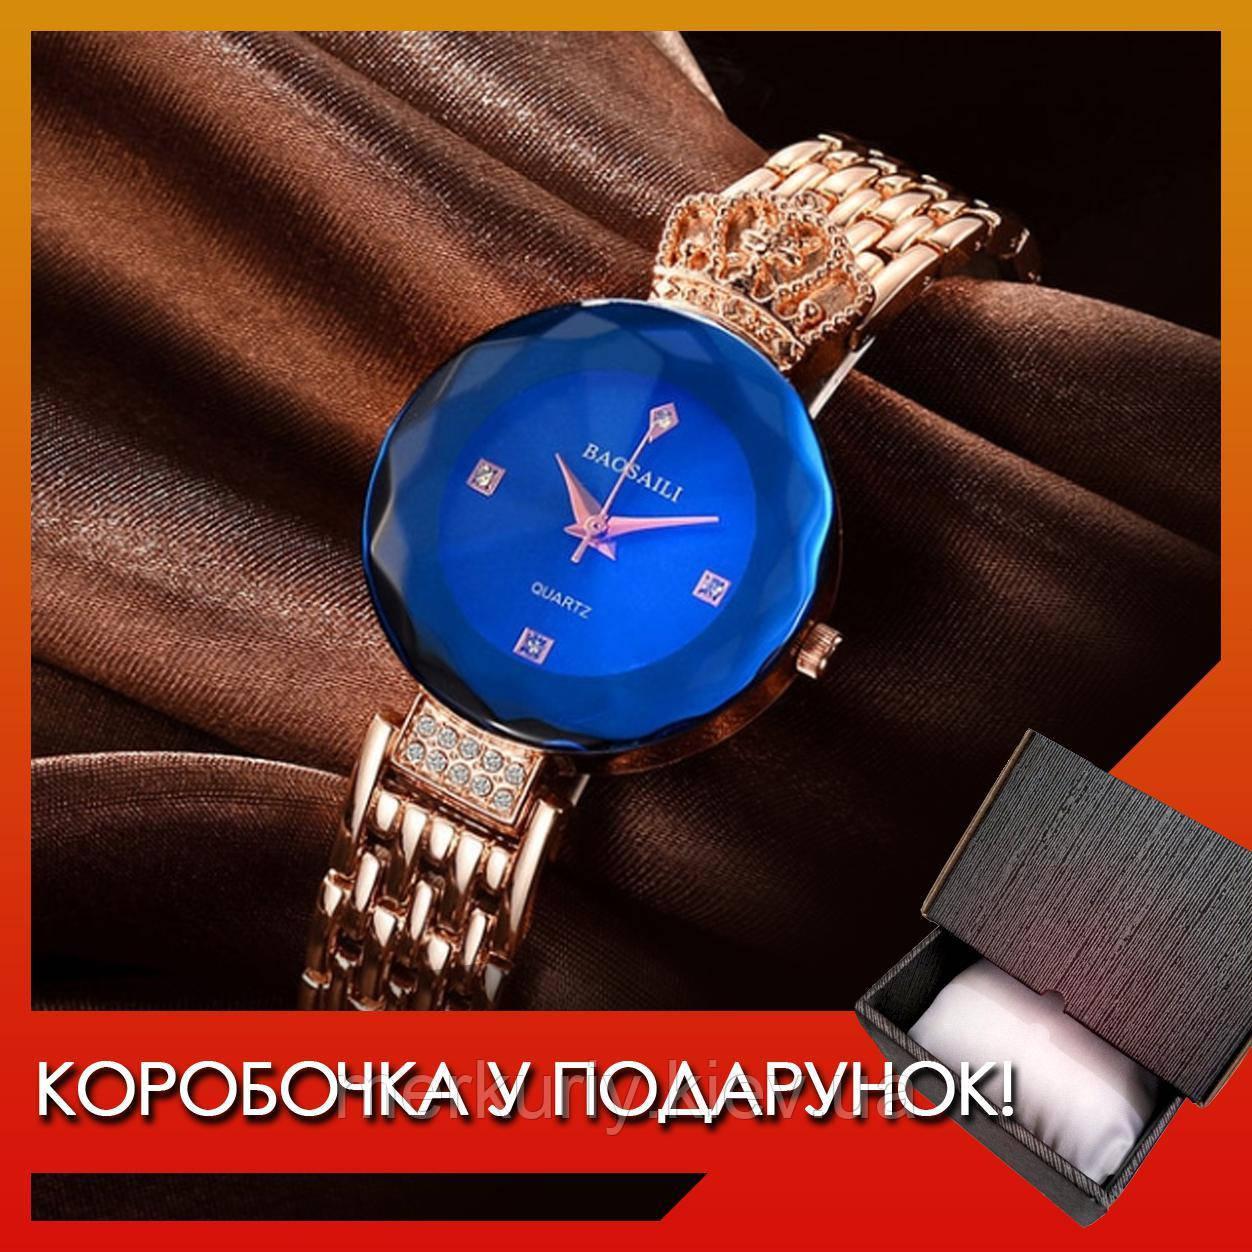 Стильні жіночі кварцові годинники Baosaili баосаили баосали